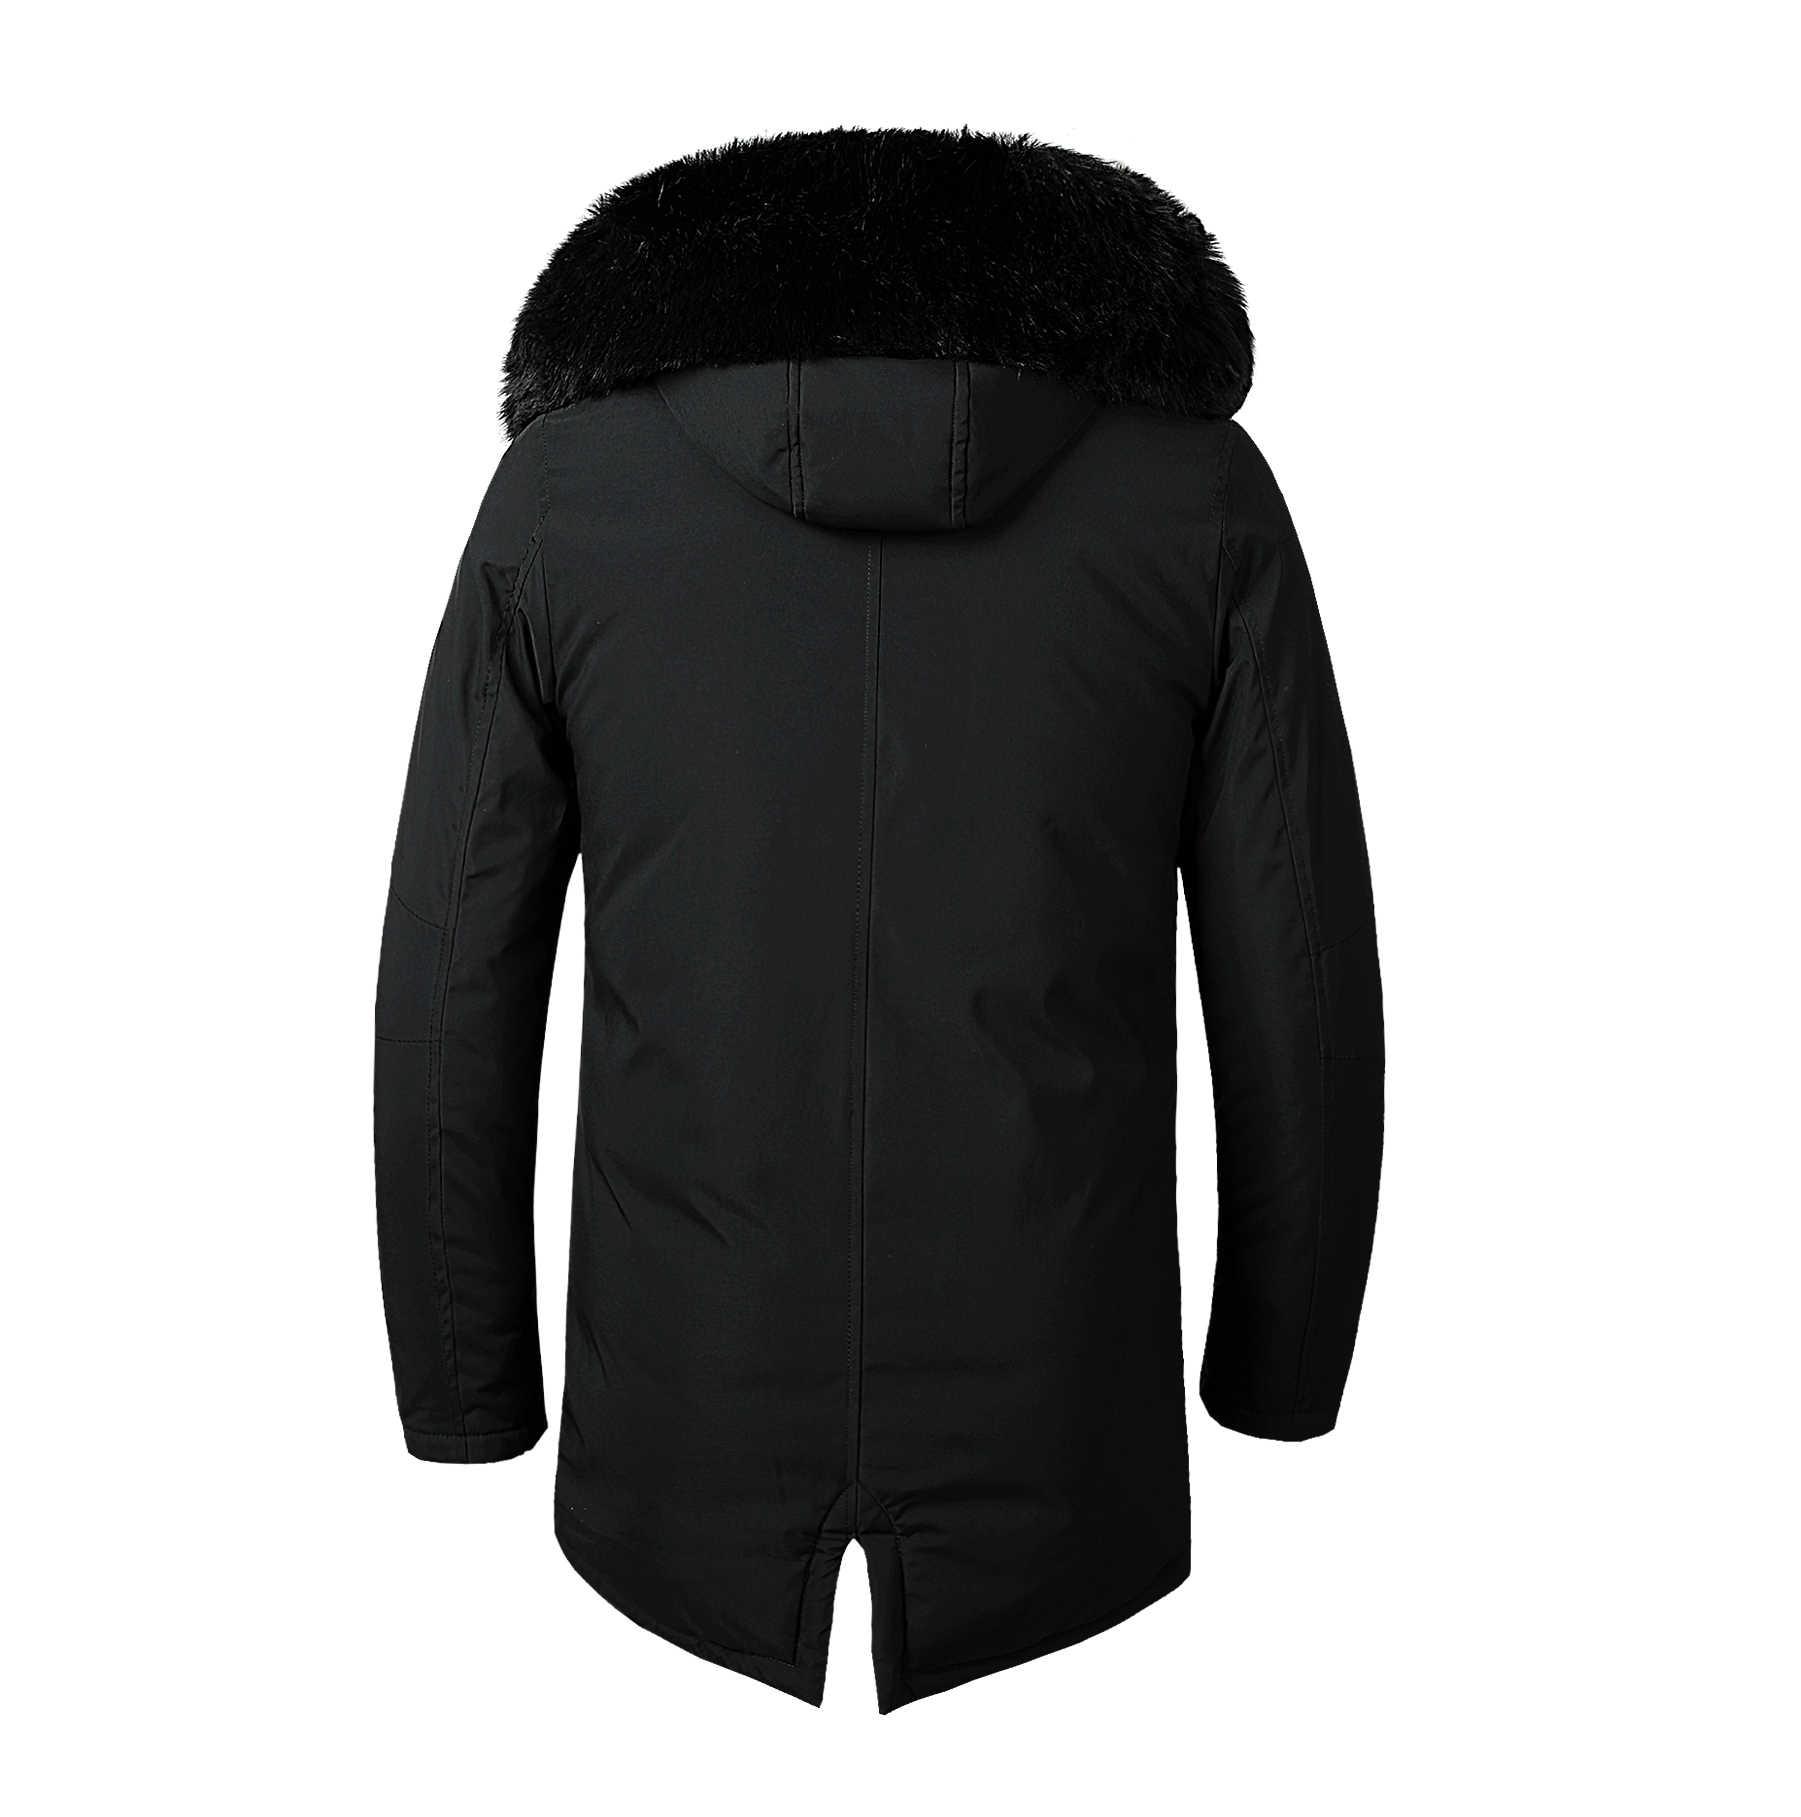 ผู้ชายฤดูหนาว Faux Fur Collar ยาวหนาผ้าฝ้าย Parkas เสื้อแจ็คเก็ตเสื้อผู้ชาย Hooded กระเป๋า Outwear แจ็คเก็ตกันน้ำ Parka ผู้ชาย